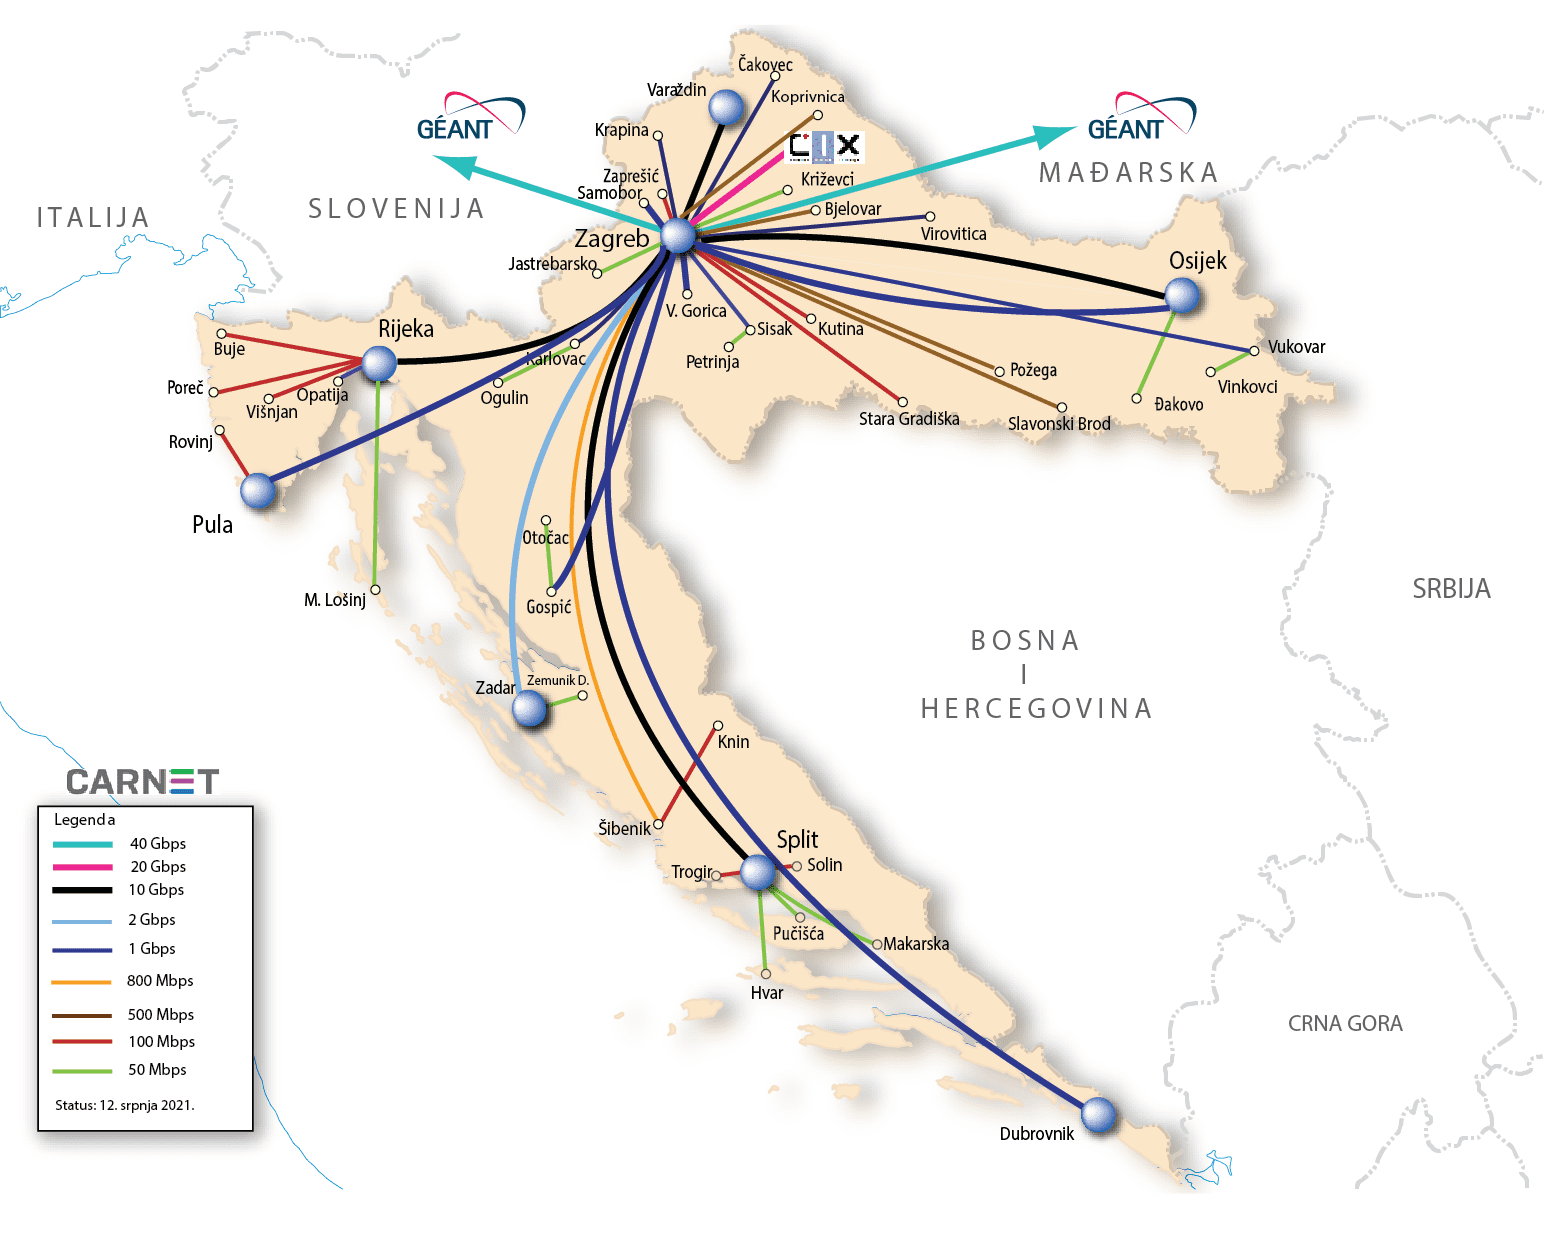 Karta CARNET mreže